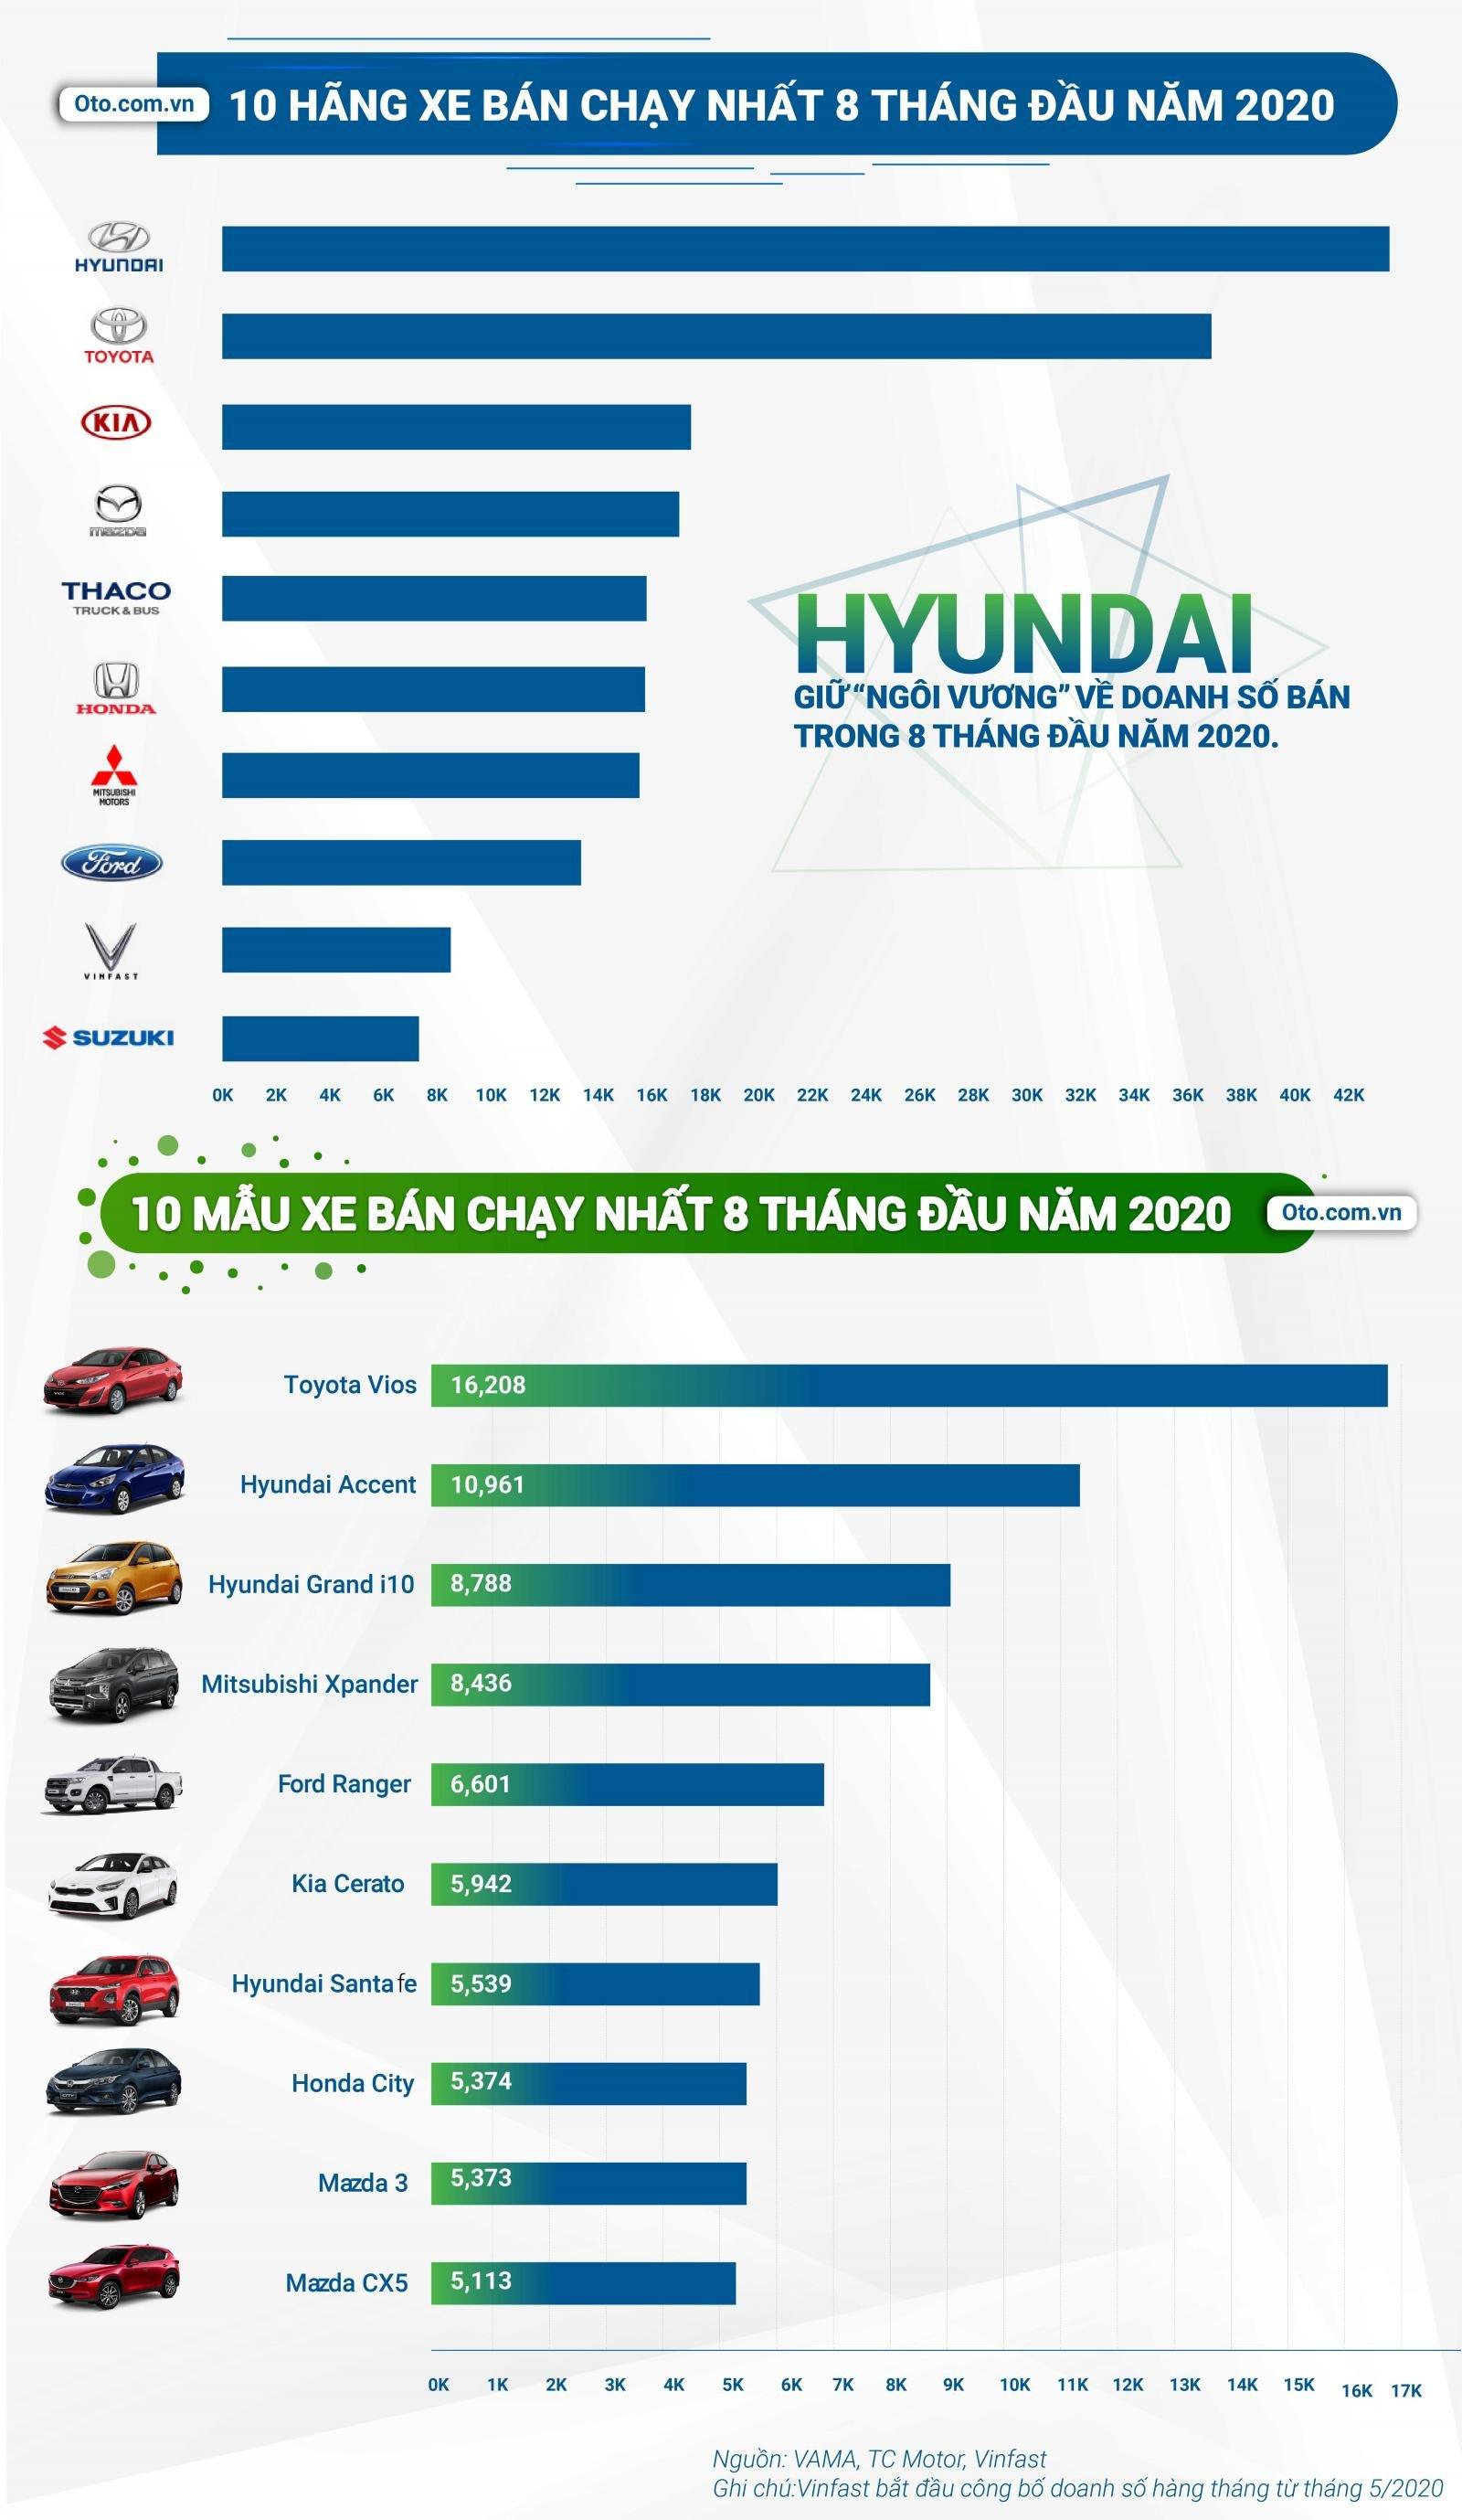 Báo cáo thị trường ô tô và hành vi người dùng 8 tháng đầu năm 2020 - Ảnh 2.